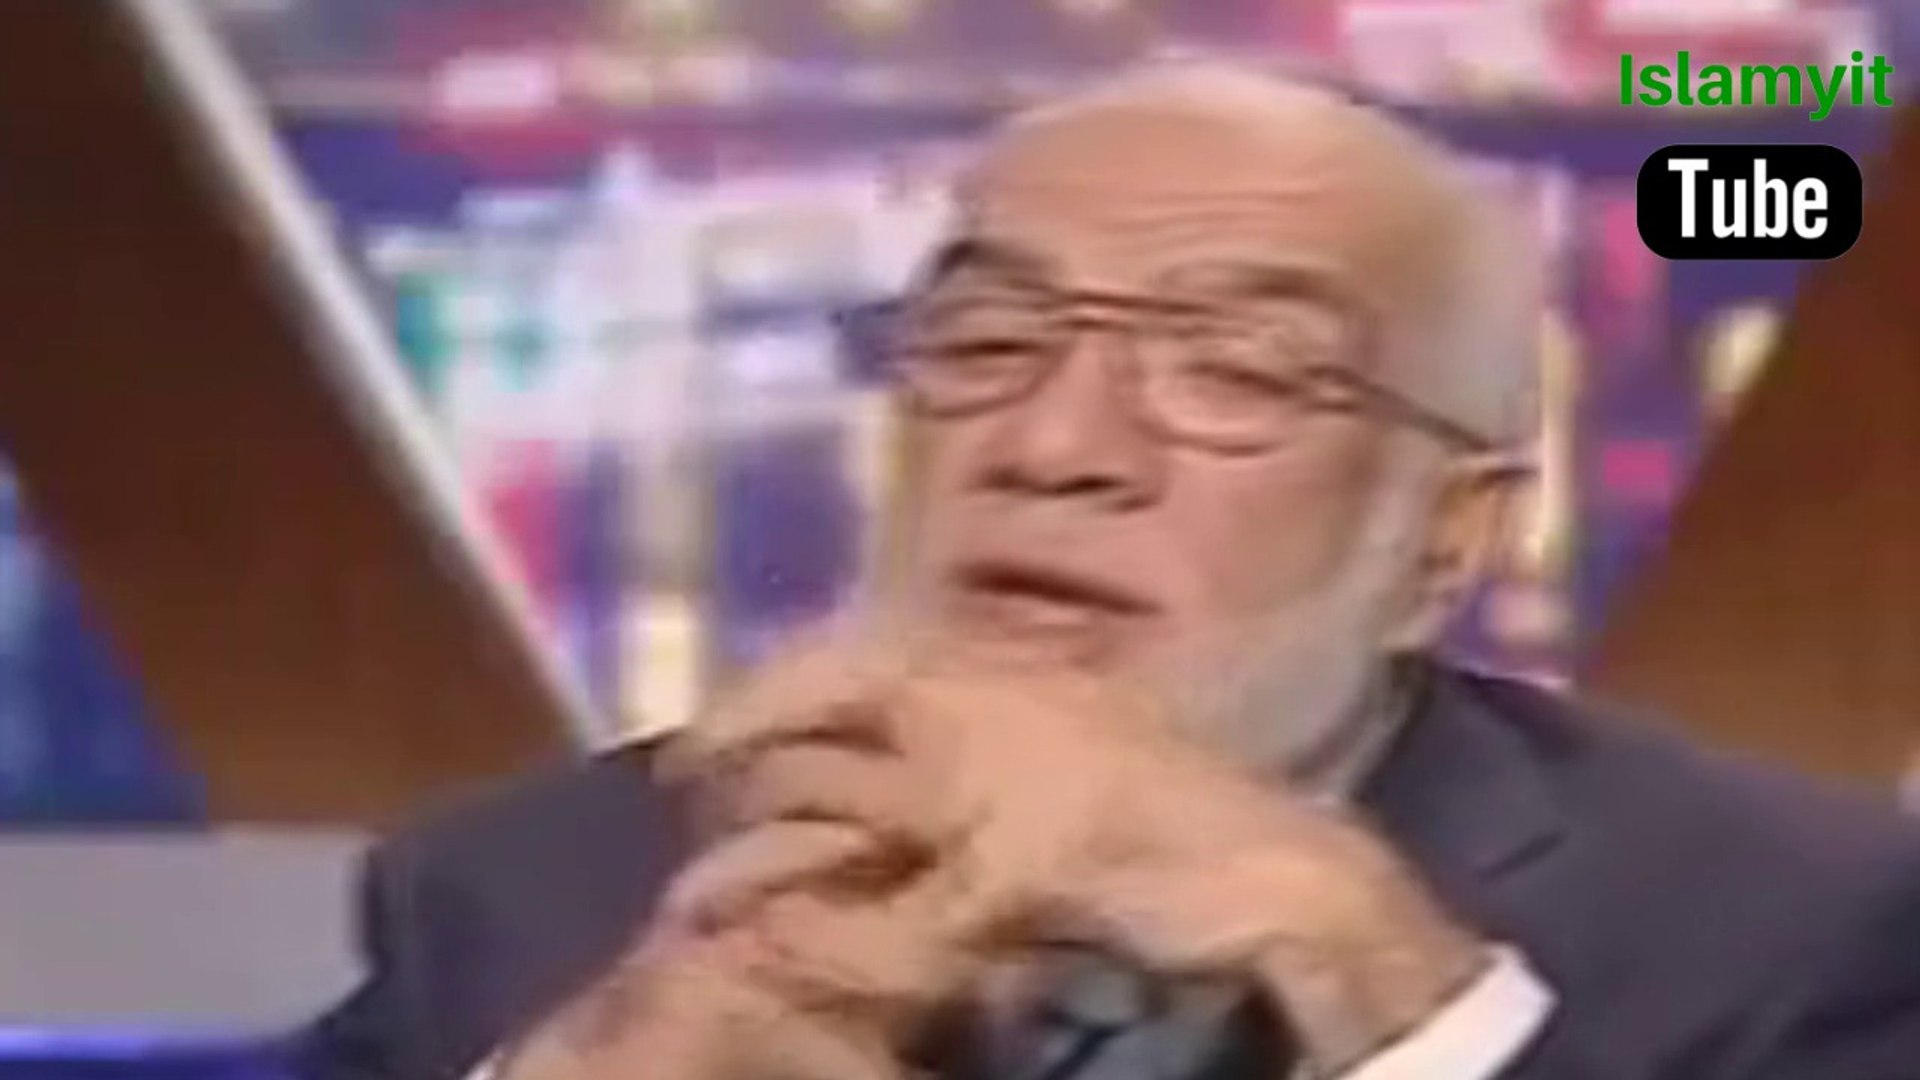 الشيخ عمر عبد الكافي - من هم الذين يخرجون من القبور على الجنة مباشرة بدون حساب ولا سابقة عذاب